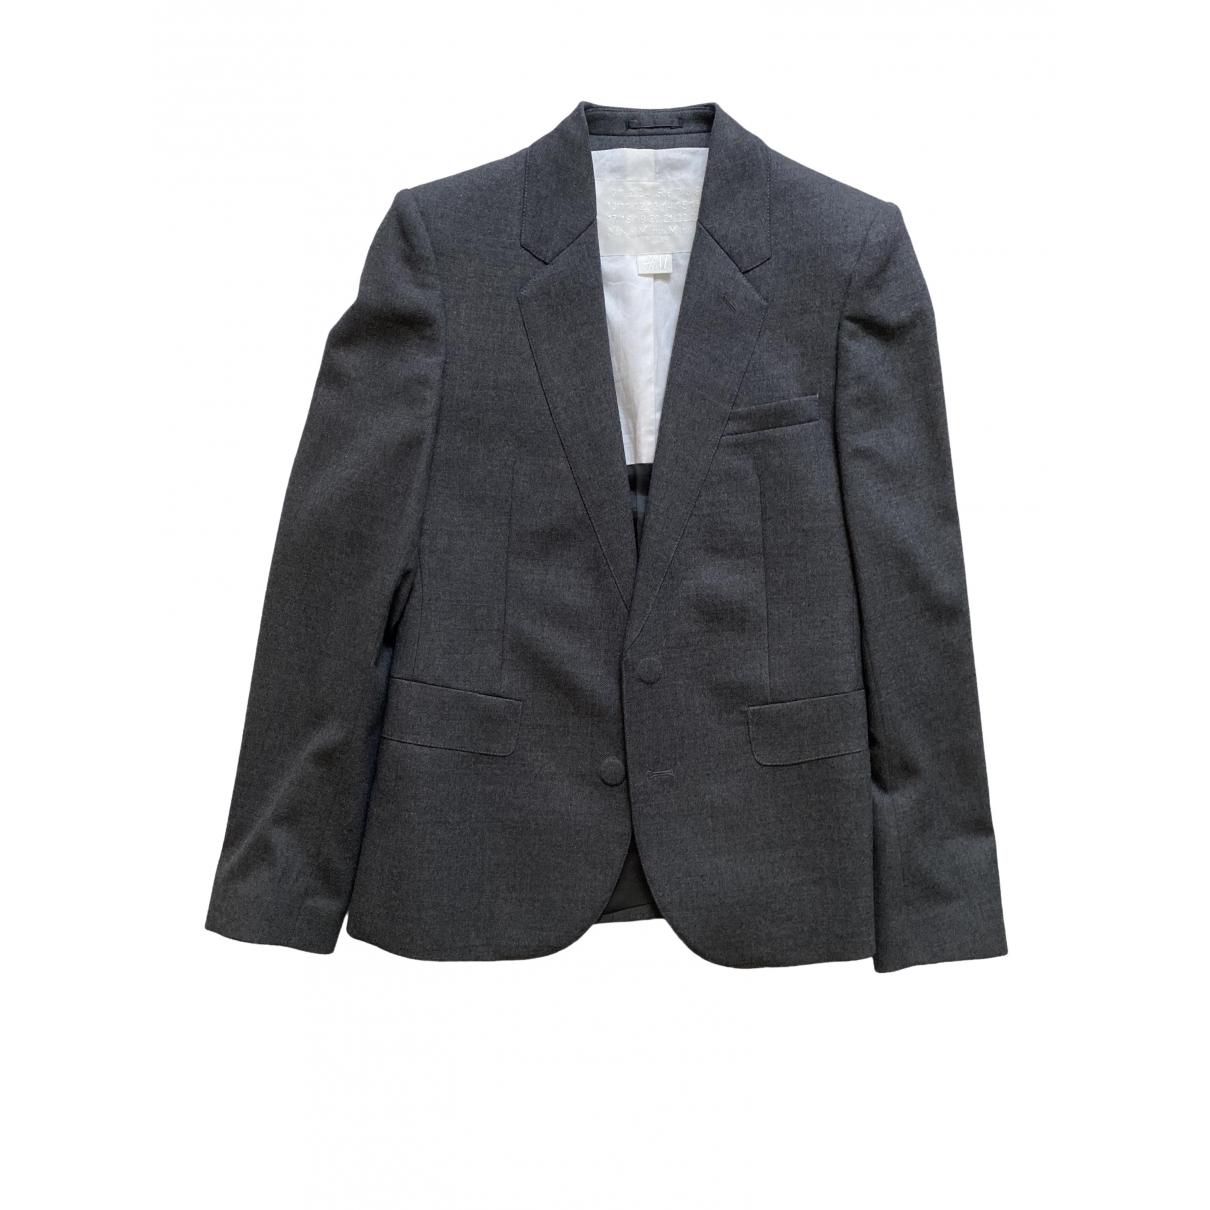 Maison Martin Margiela Pour H&m \N Grey Wool jacket  for Men 46 IT